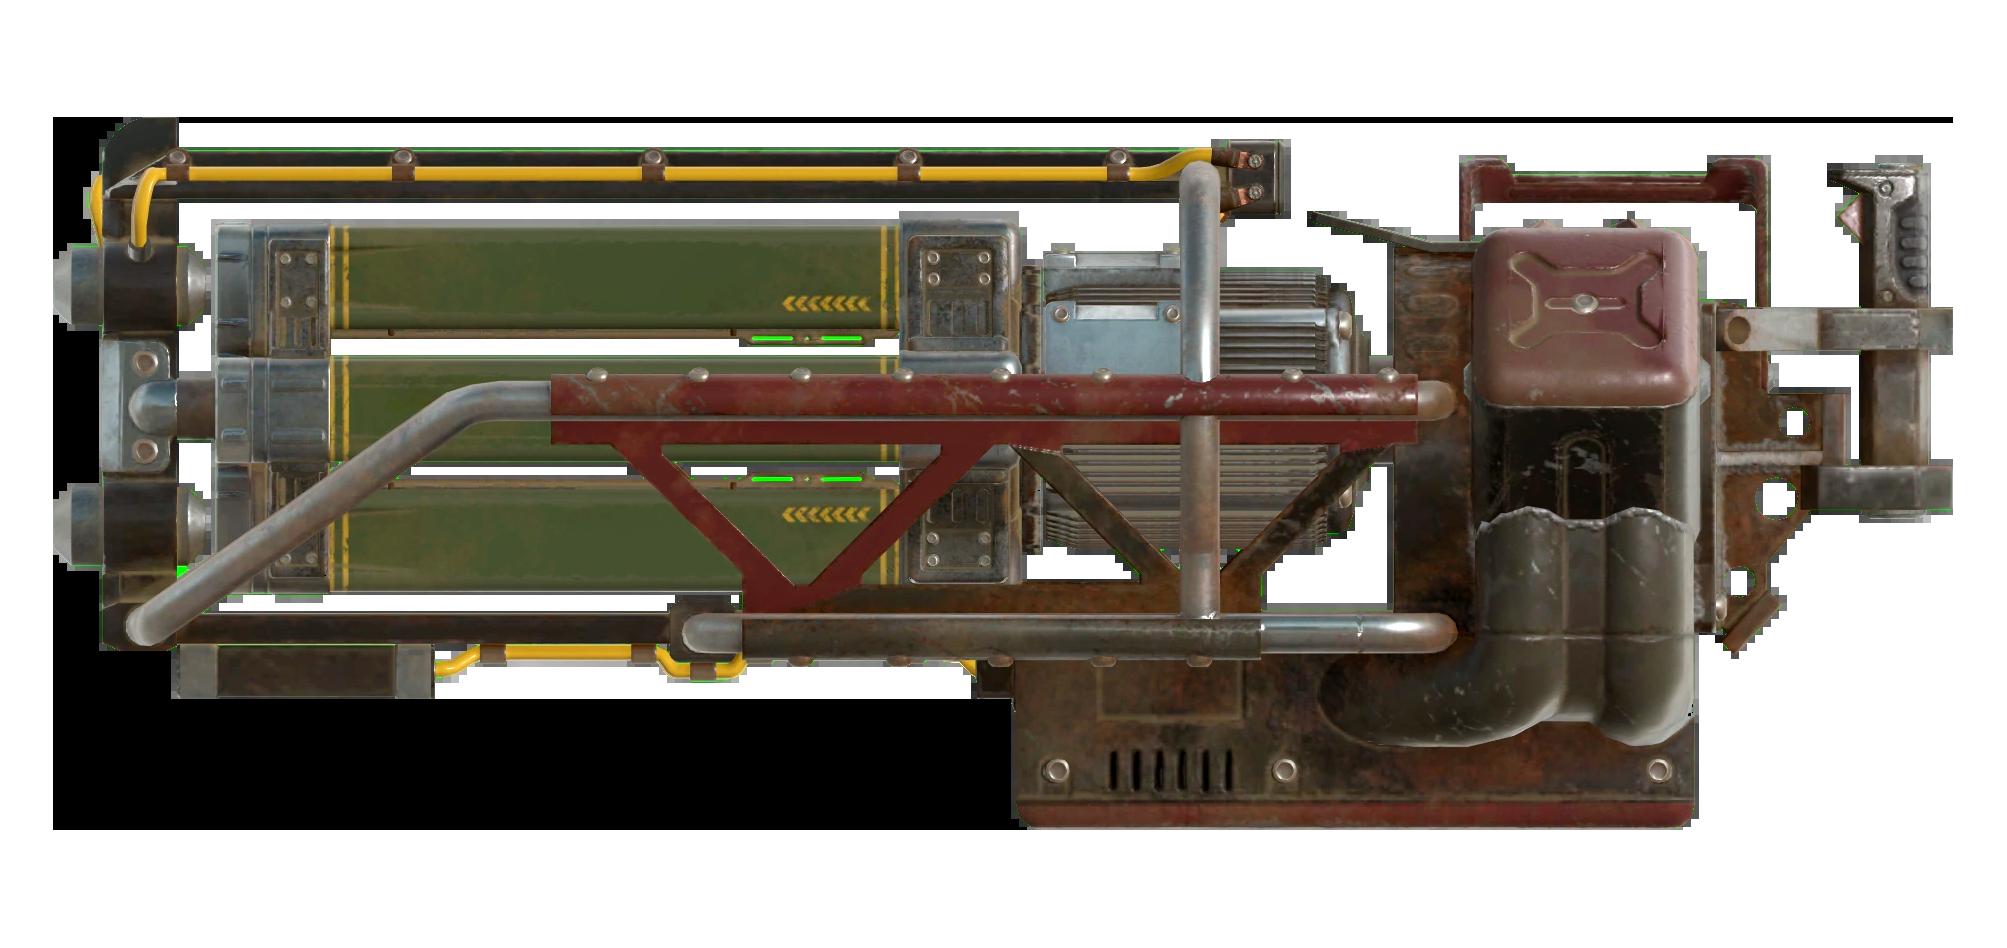 fallout 3 schematics locations  | fallout.wikia.com